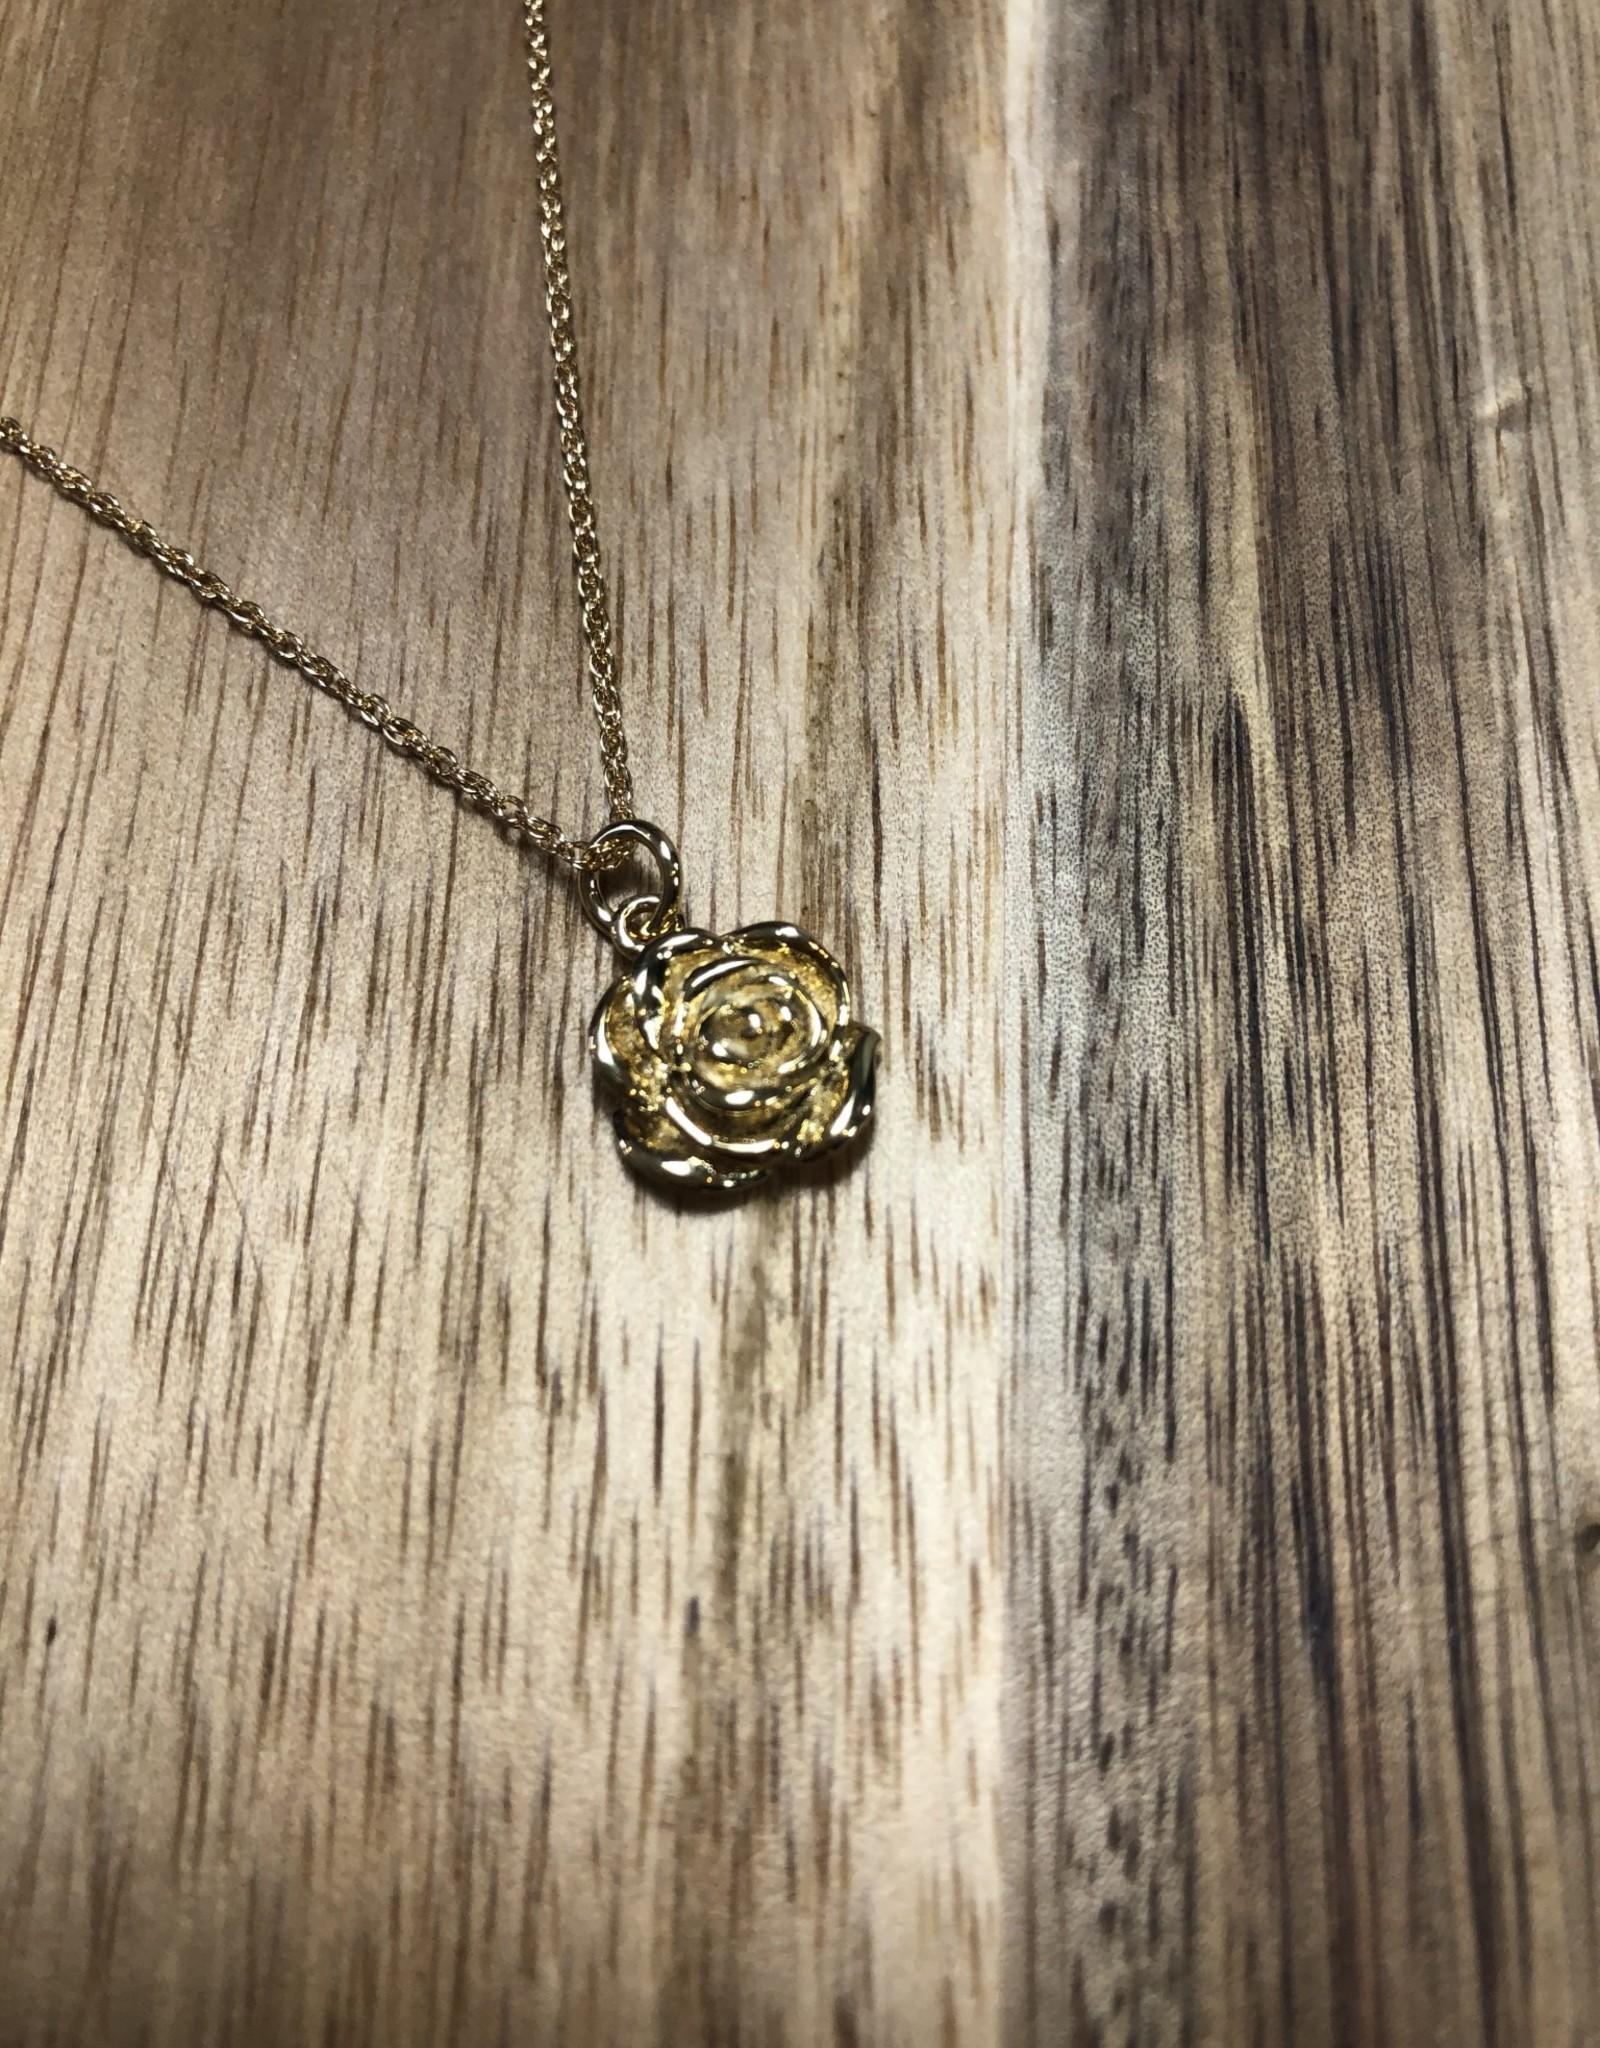 Lisbeth ROSE 14k gold fill necklace